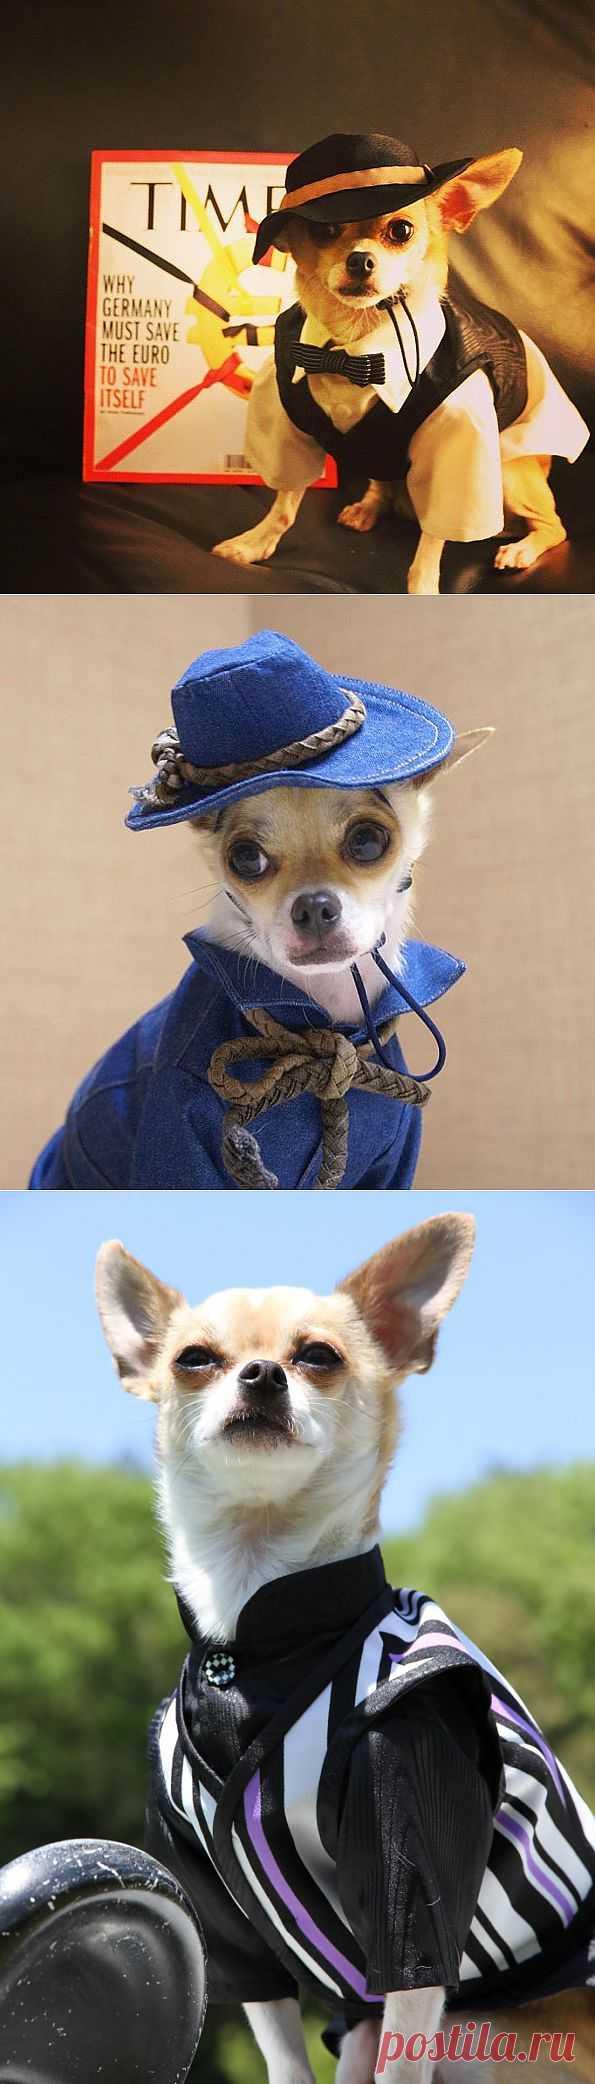 Самые модные собаки | Живой фотоблог